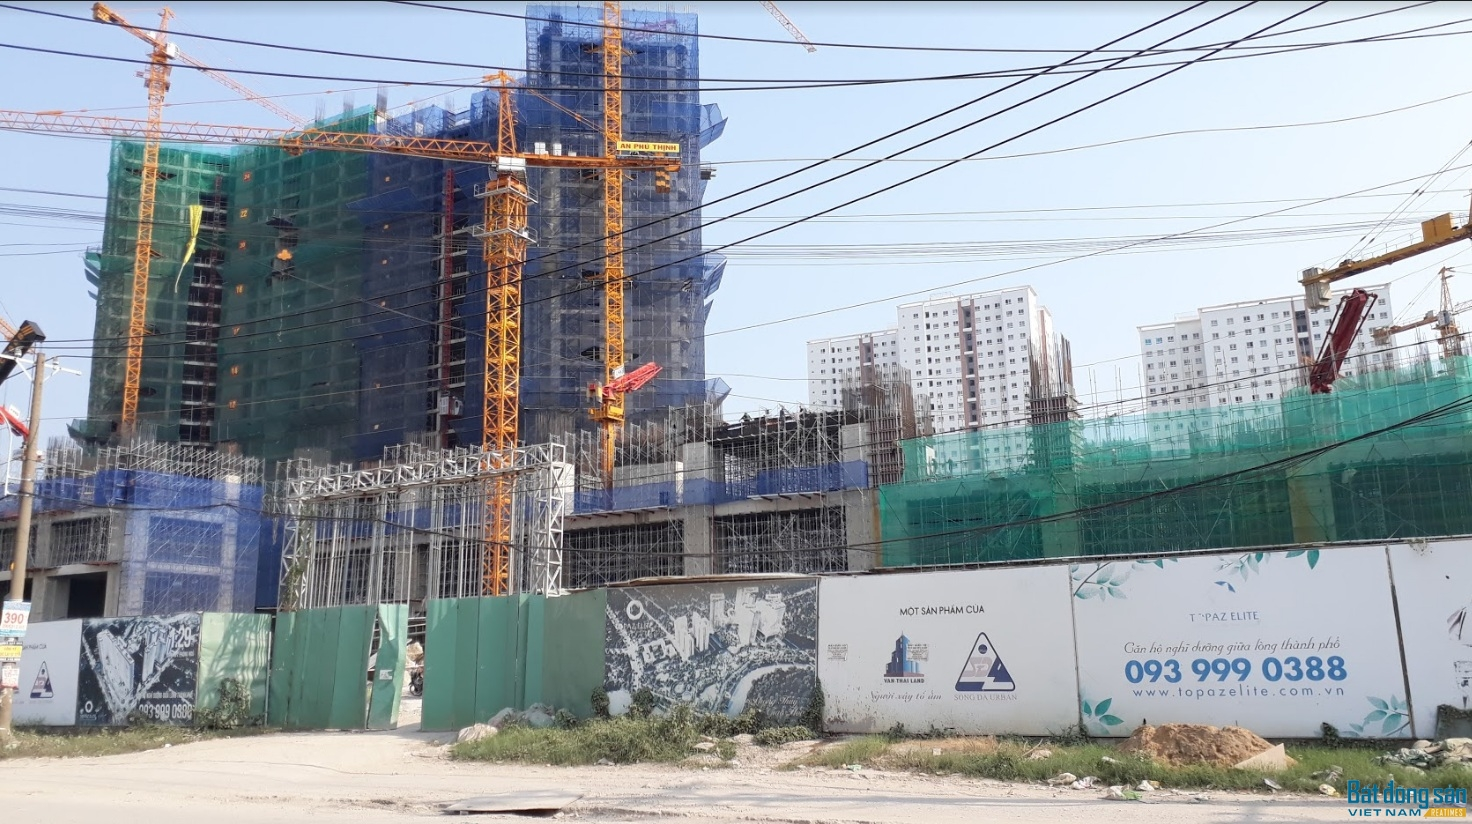 Phần đất được UBND TP.HCM giao cho Công ty Vạn Thái để làm dự án